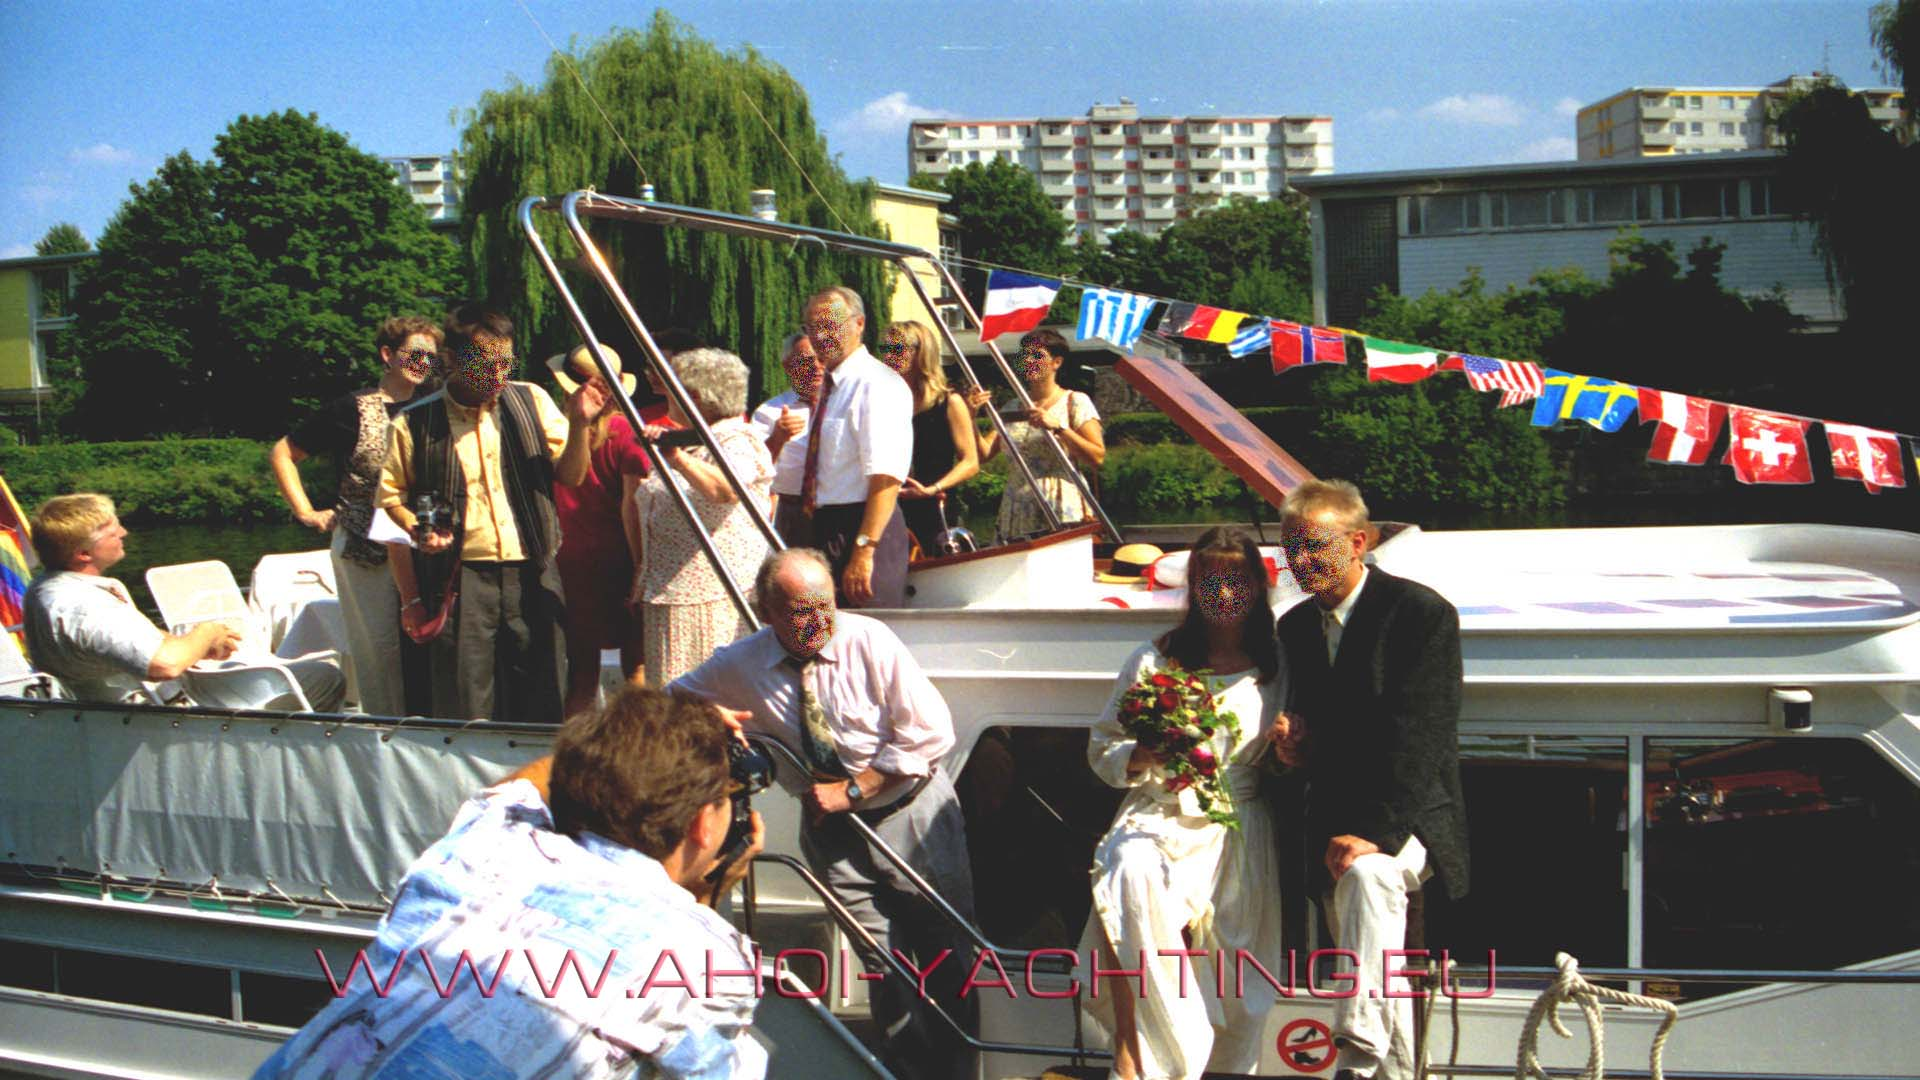 EVENTSCHIFF BERLIN – FEIER – PARTY – TAGUNG auf dem Wasser